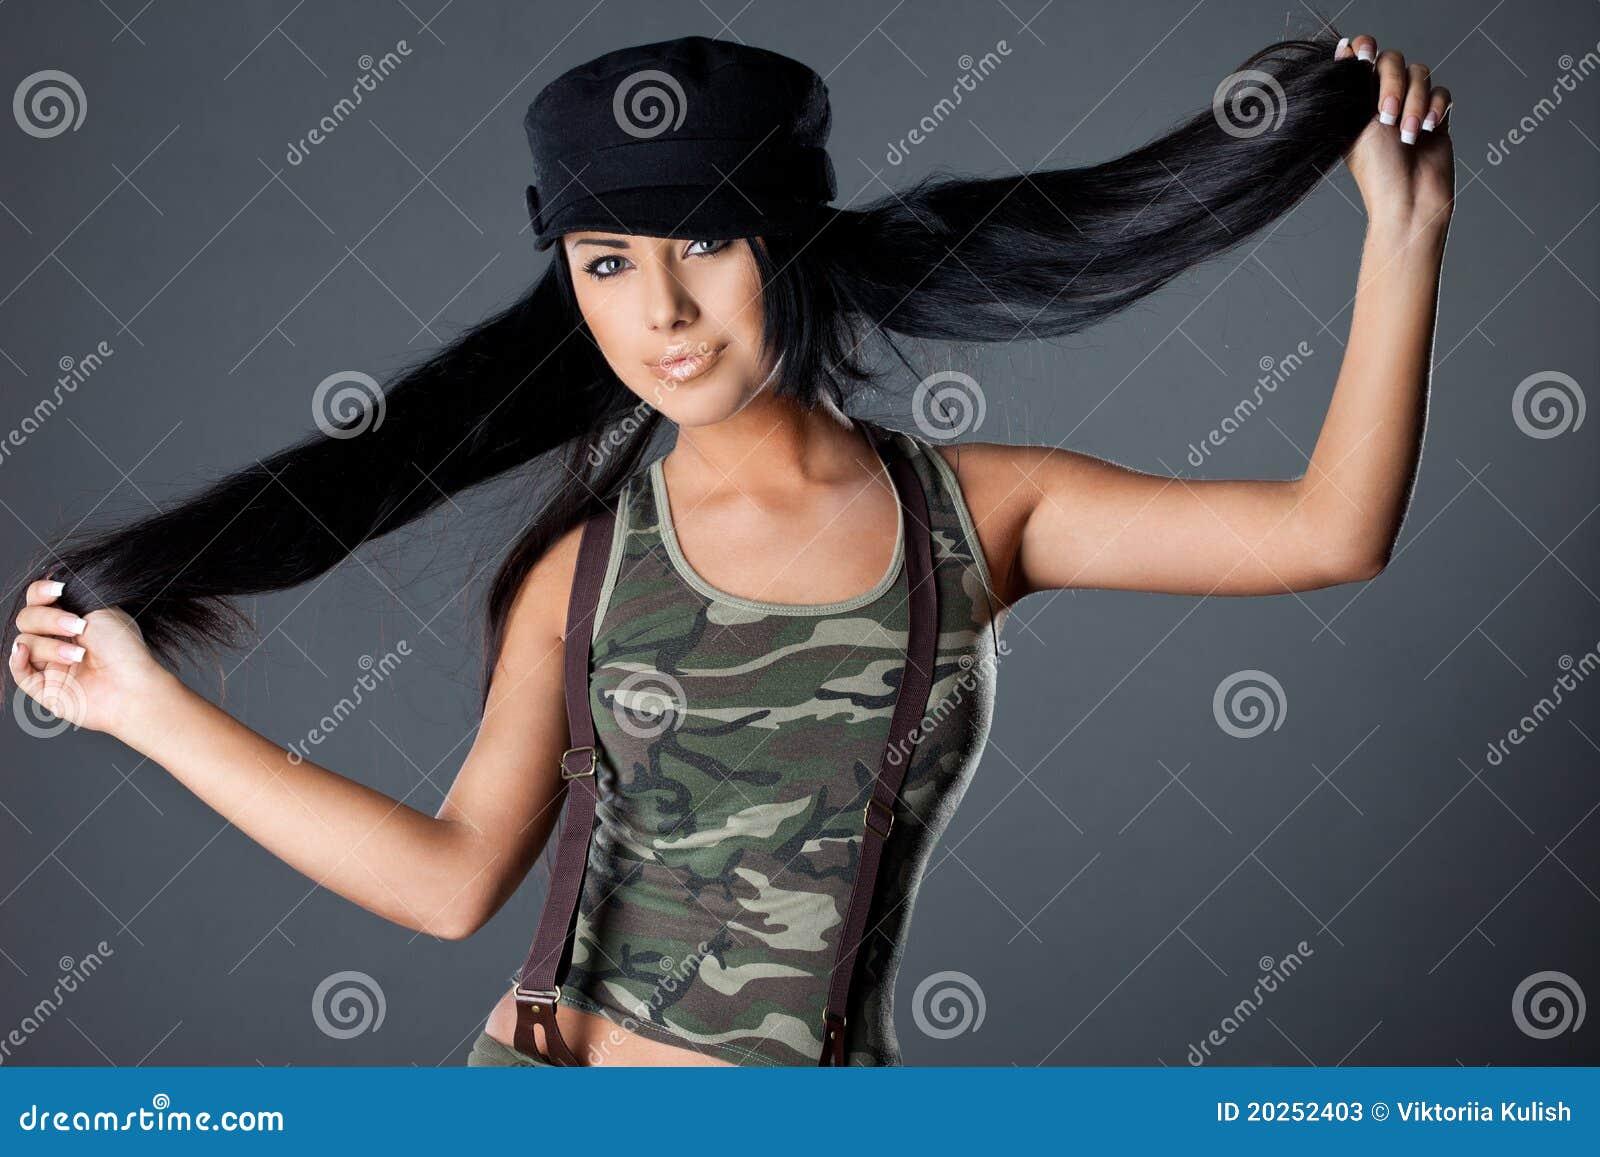 Фото женщины в военной форме сексуальная 6 фотография